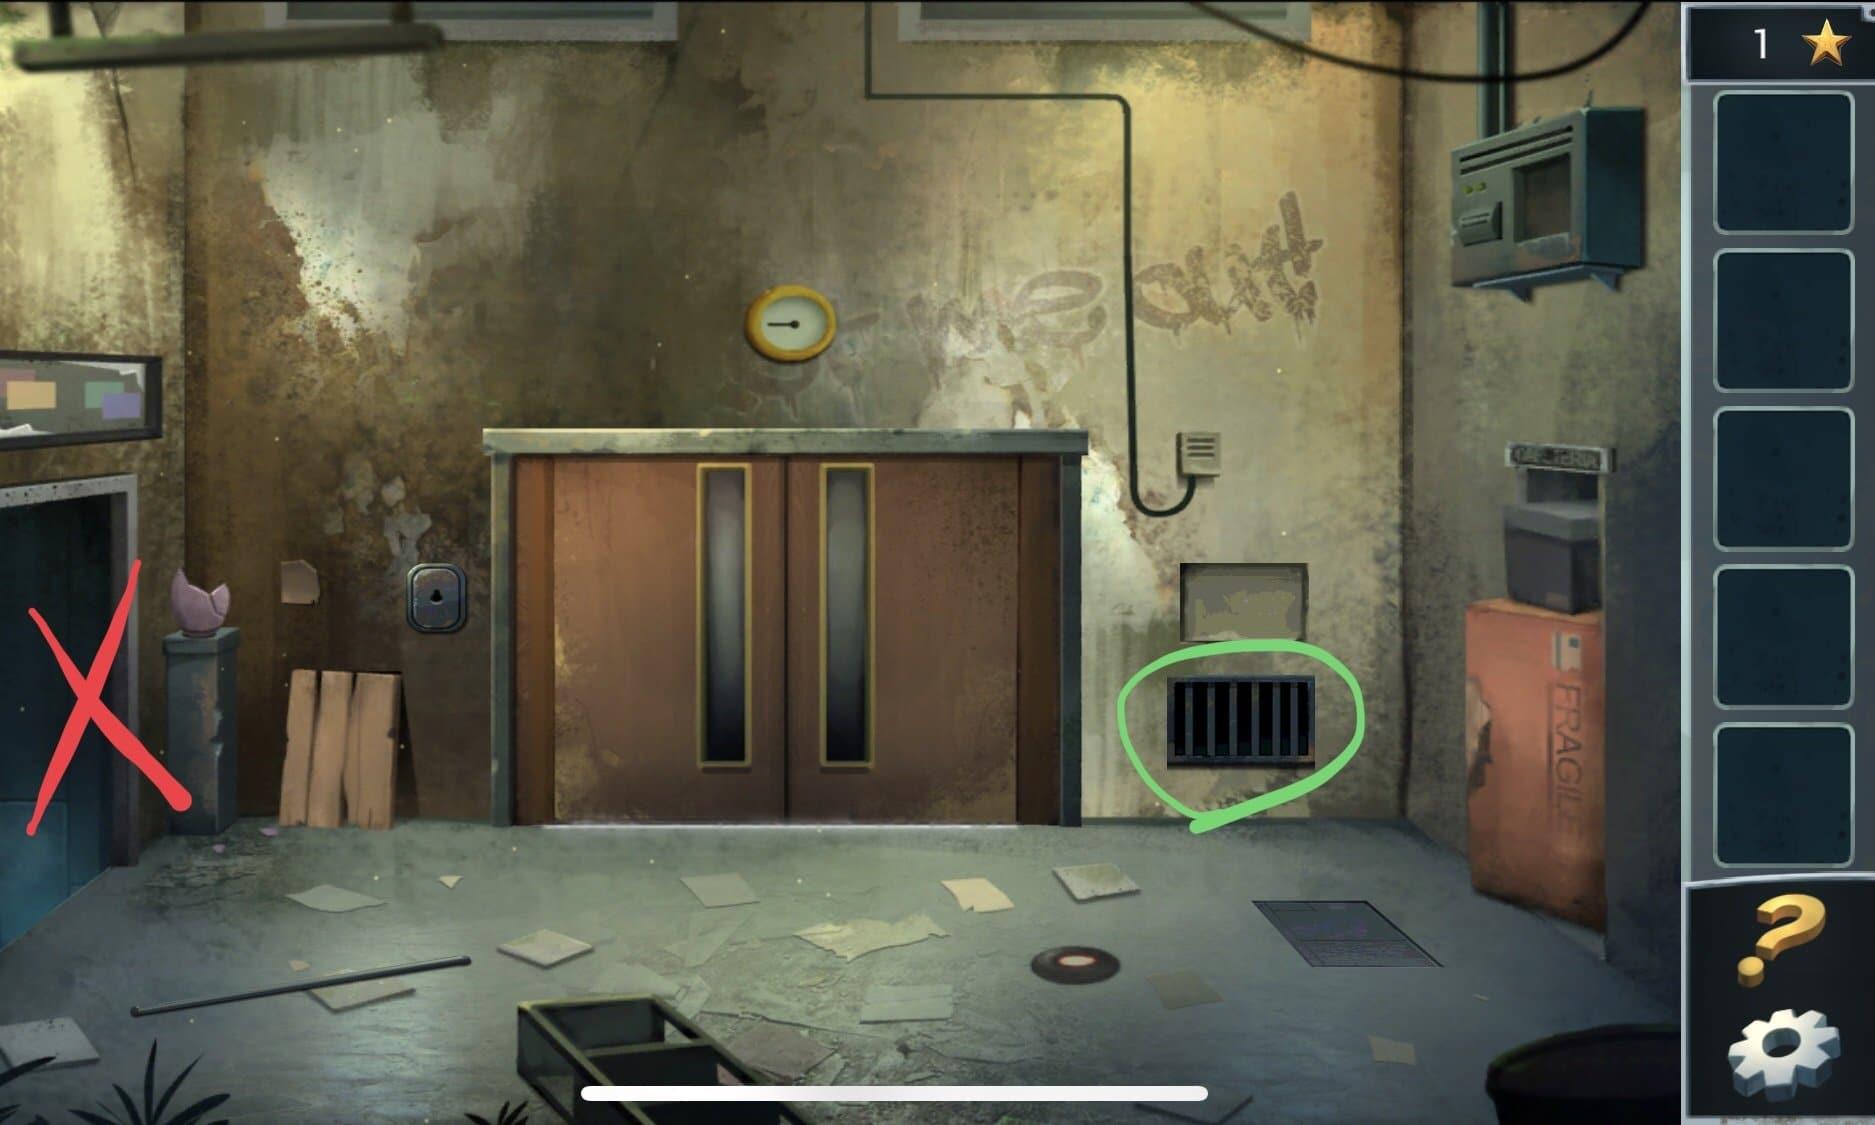 Внимание! Не возвращайтесь в лифтовую шахту, иначе не сможете снова подняться на верхний этаж, проволоки больше в технической комнате не буде и придется начать игру сначала.